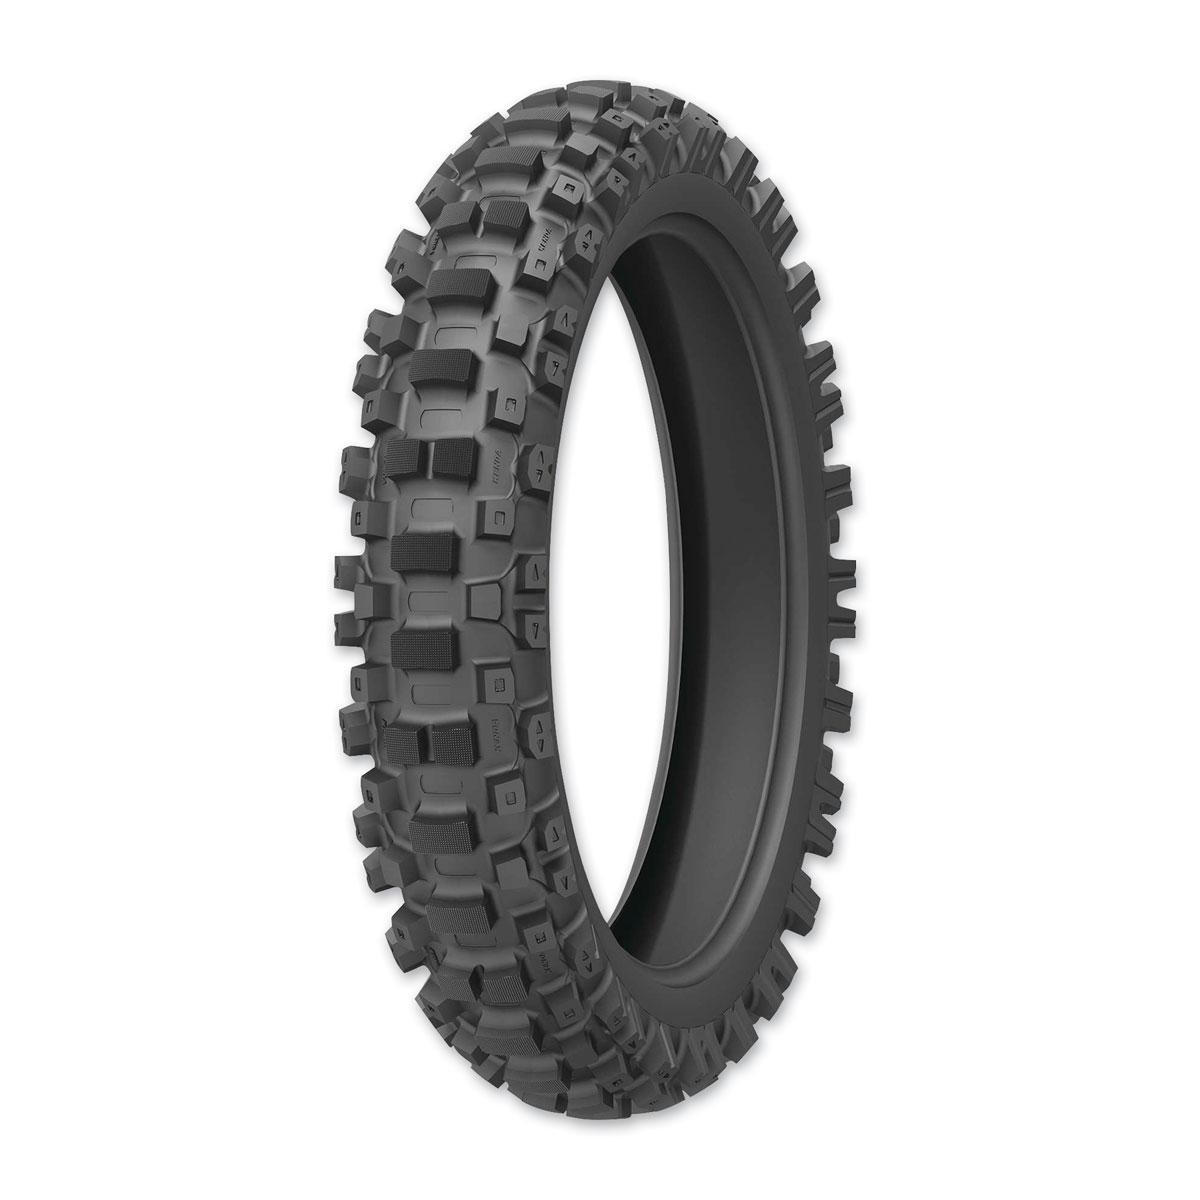 Kenda Tires Washougal II 120/80-19 Rear Tire